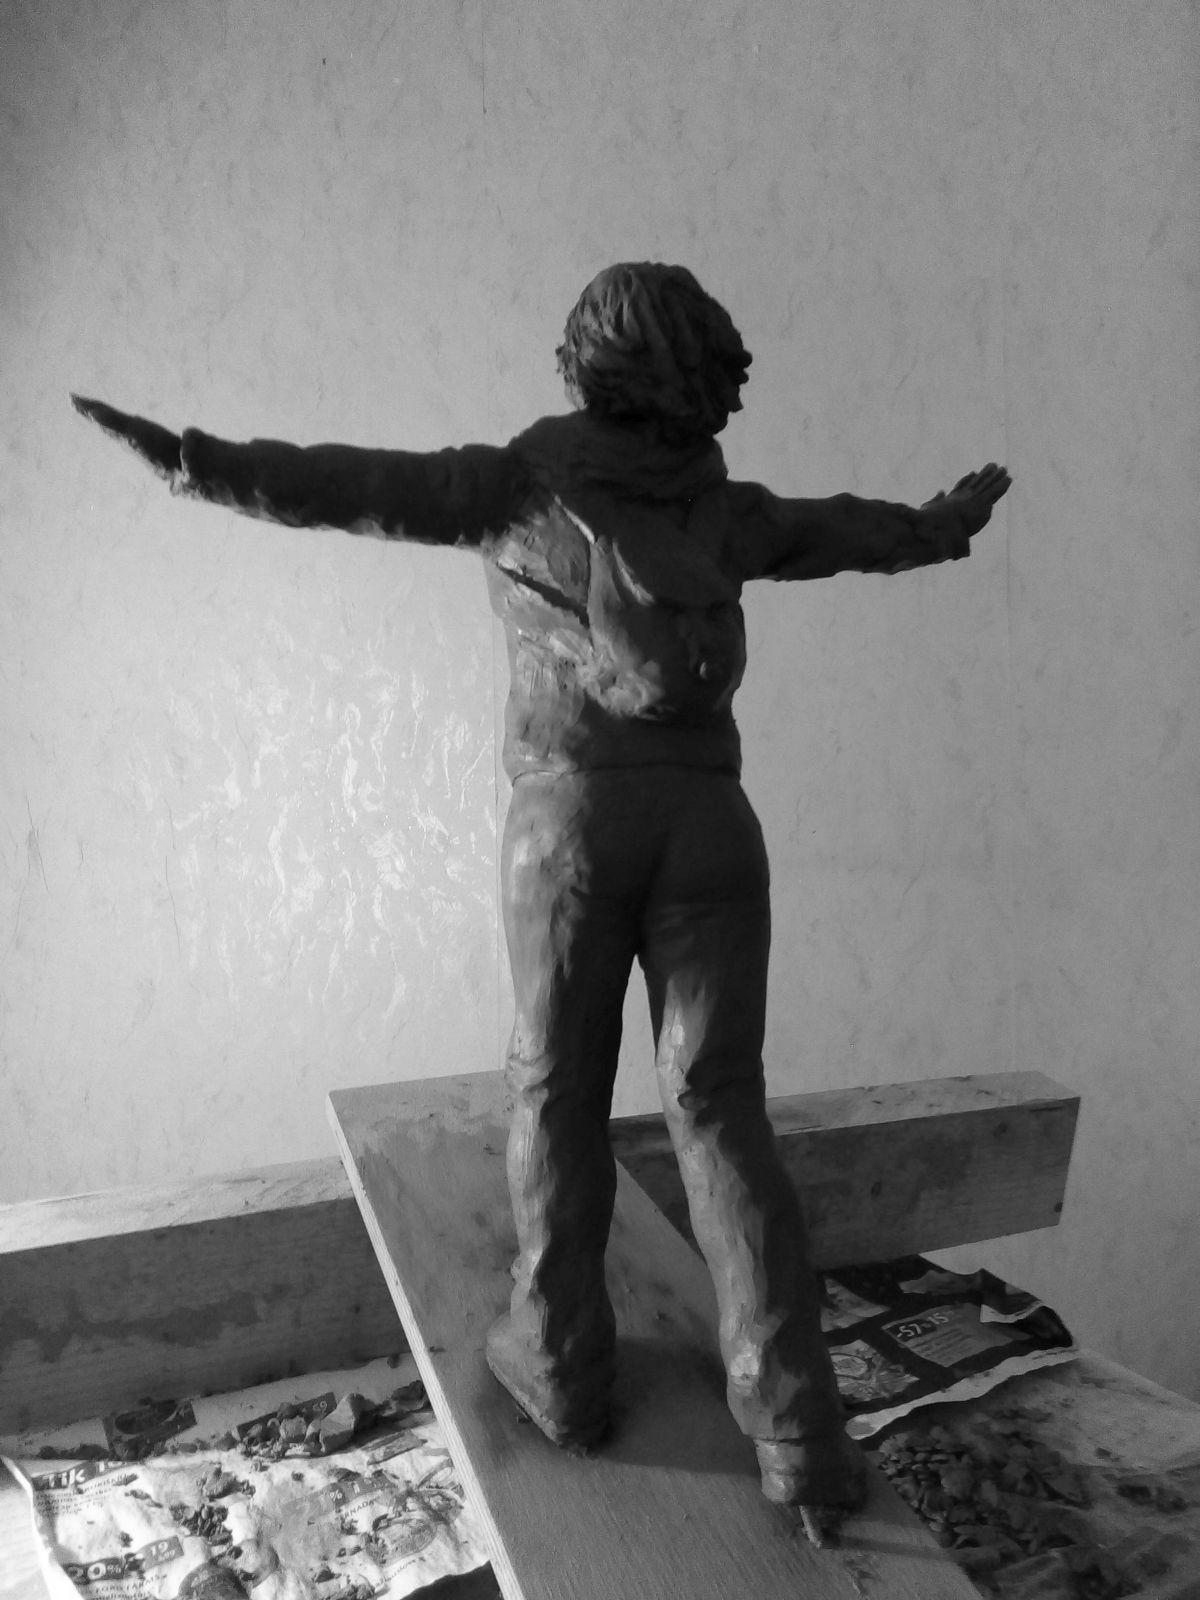 Эскиз памятника Ирине Славиной. Глина, 25 см. © Виктор Корб, 2021. Вид в три четверти, сзади, слева.